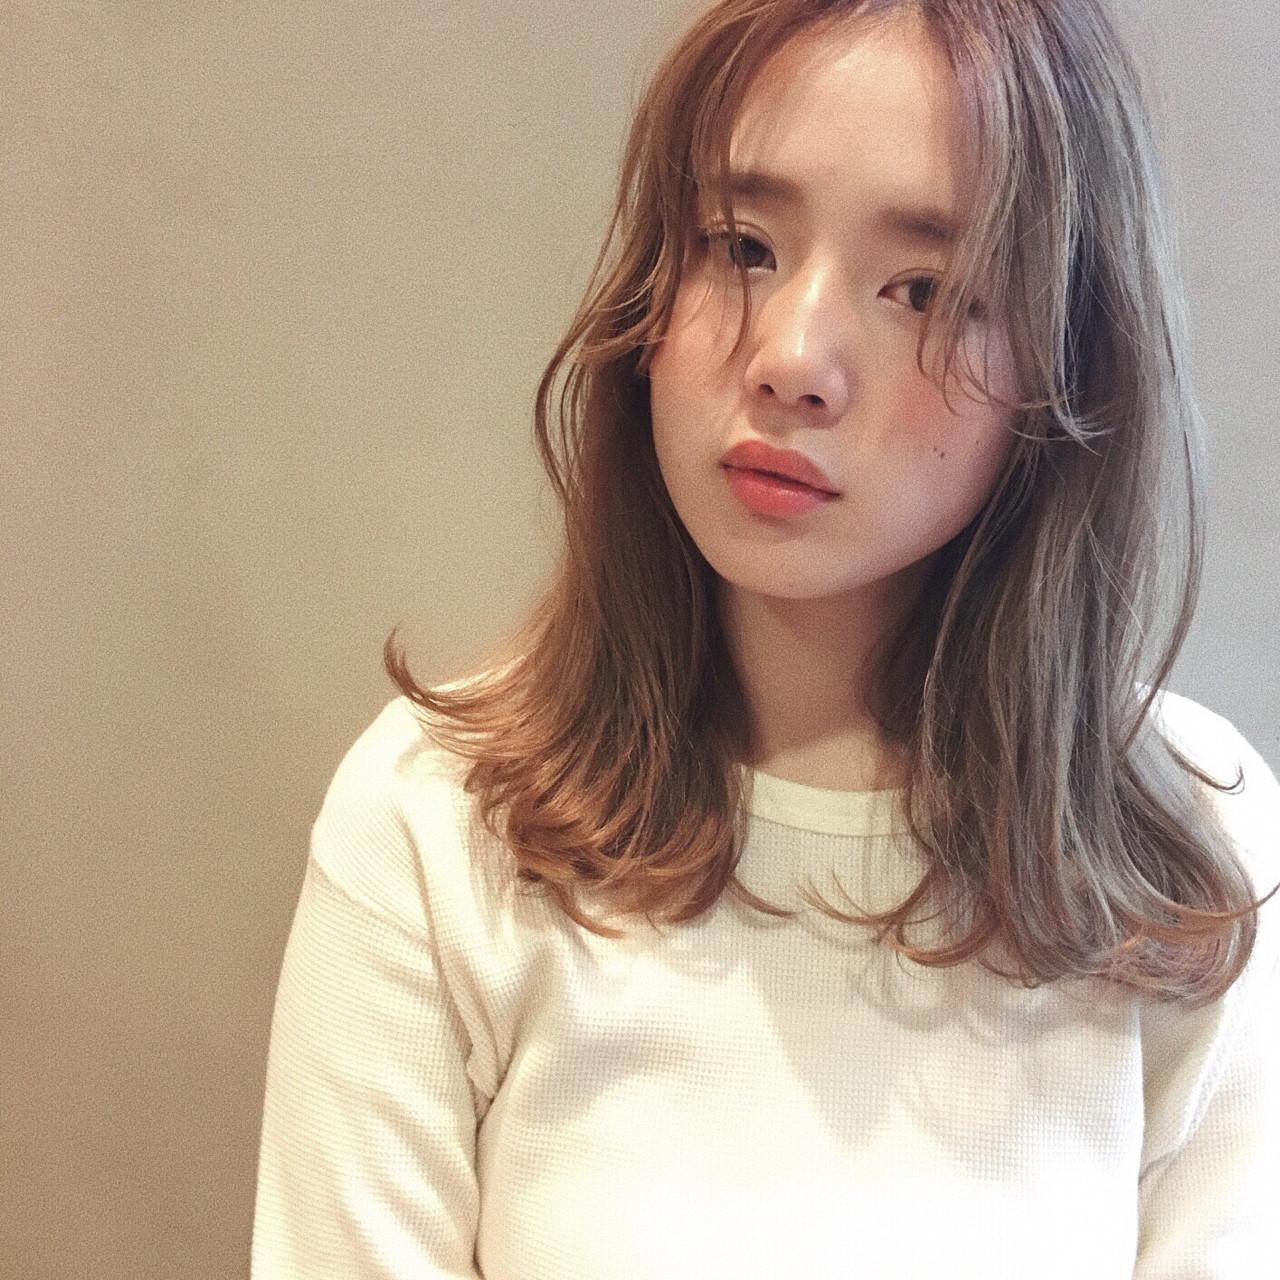 カラーは?スタイルは?とにかく知りたい2017年トレンドのヘアスタイル♡ 谷口 翠彩